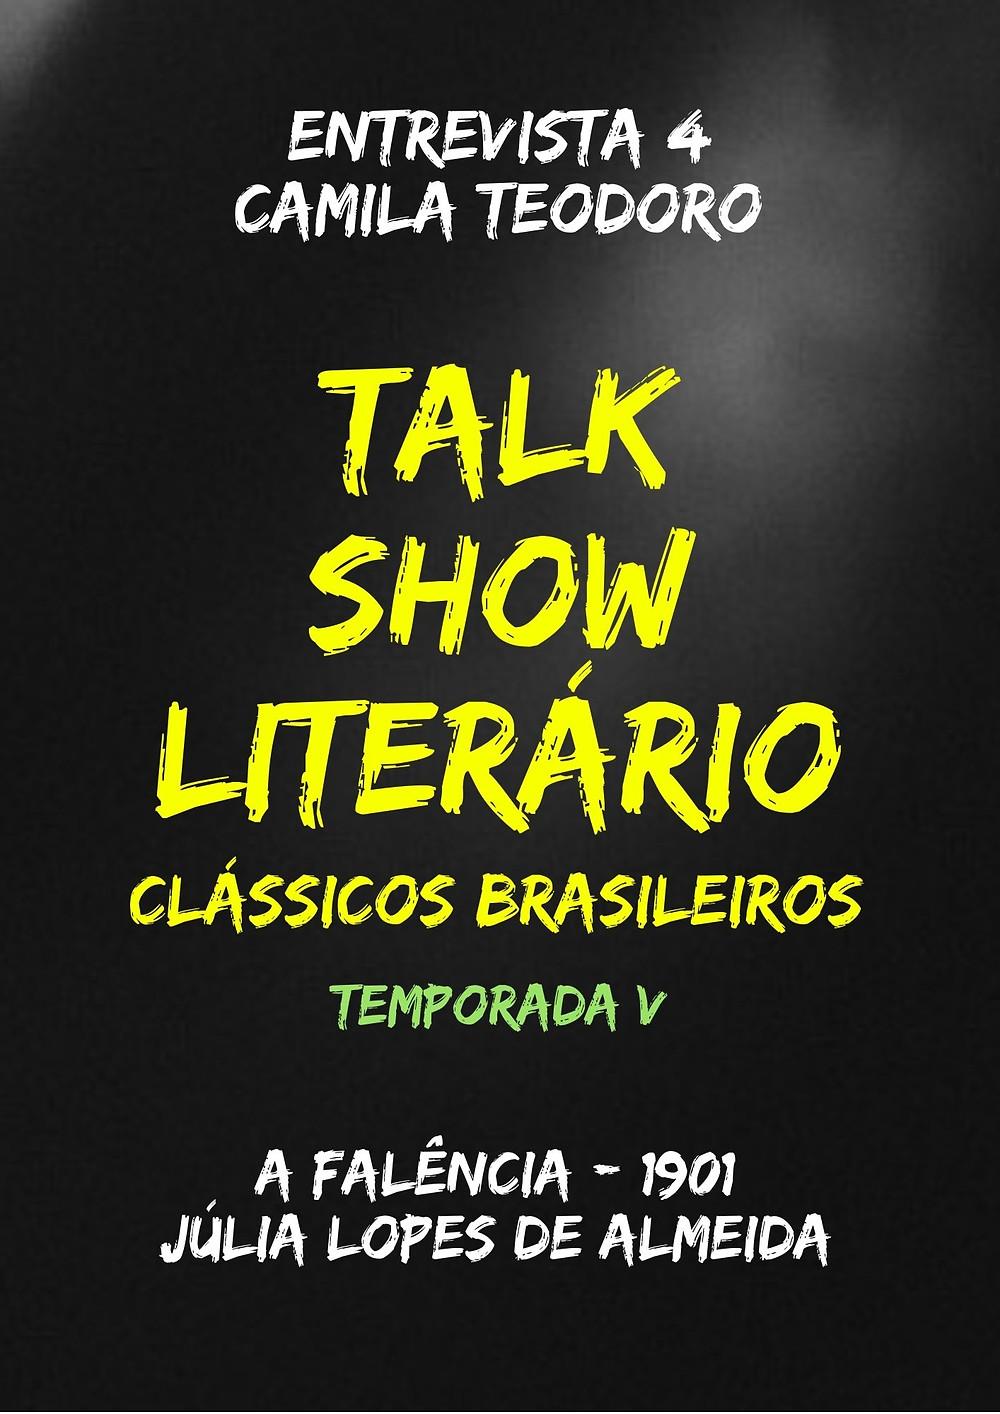 Talk Show Literário: Camila Teodoro - A Falência - Júlia Lopes de Almeida